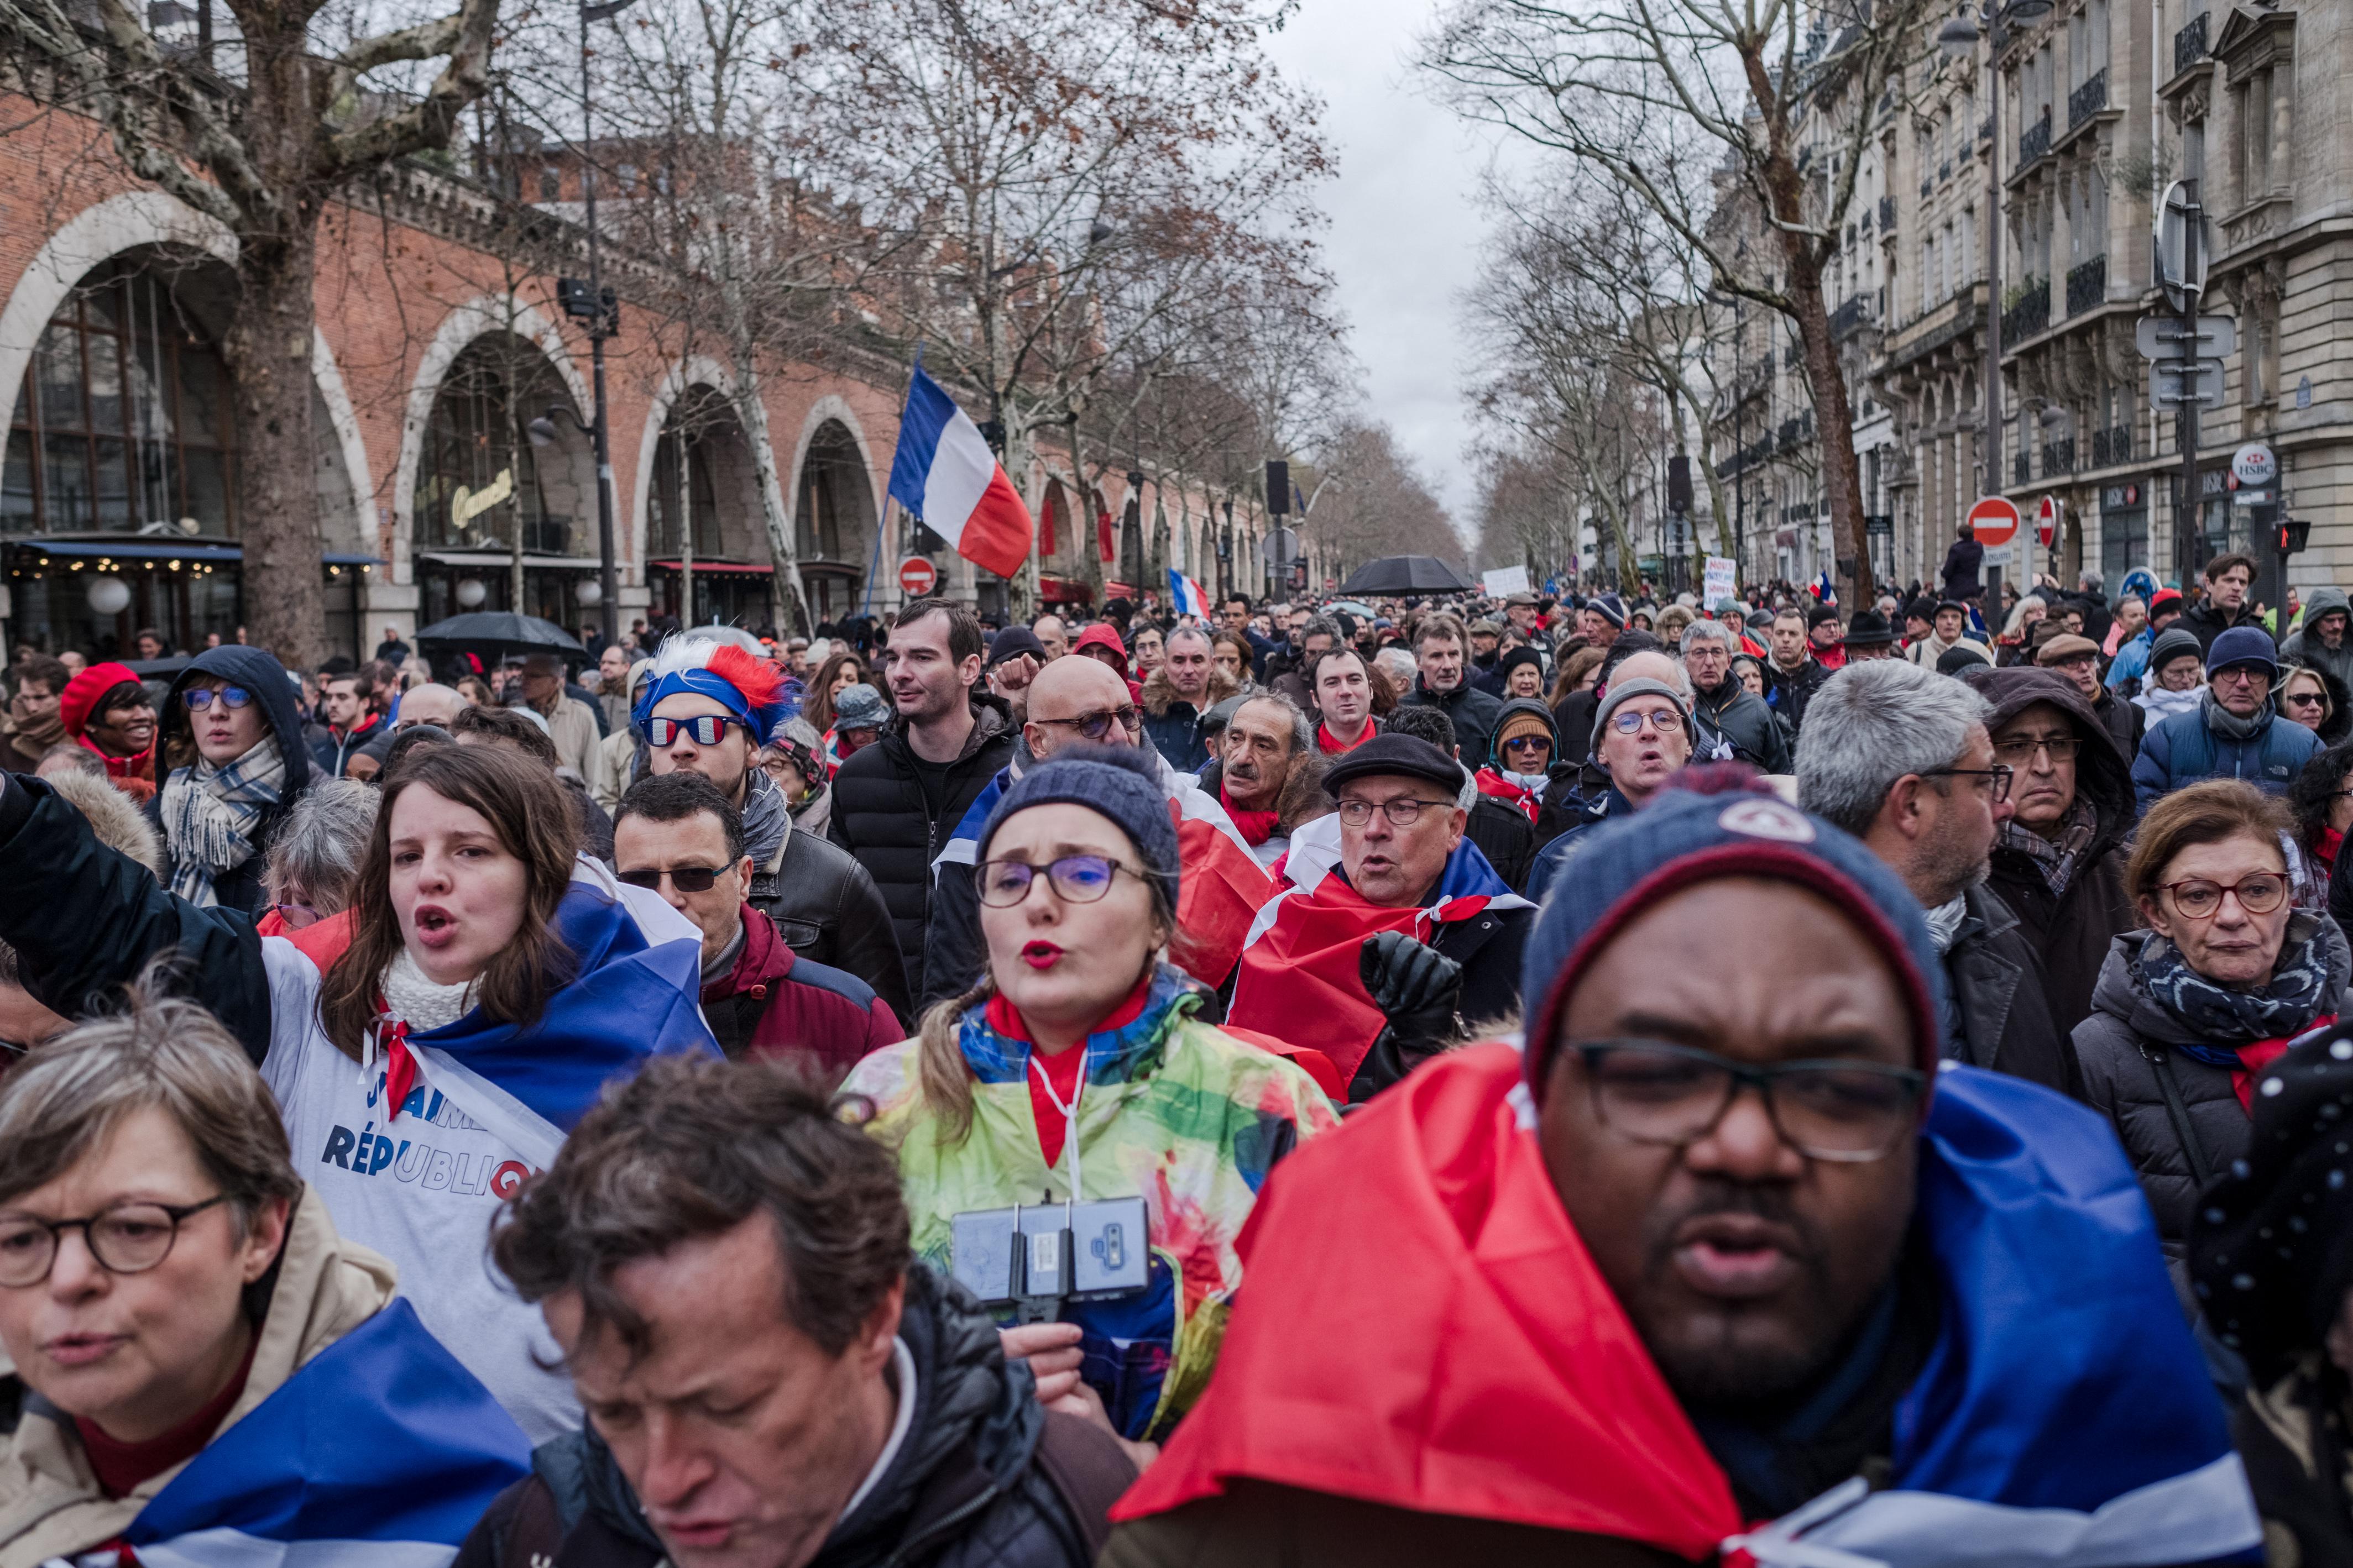 Békemenetet tartottak Párizsban, elegük van az erőszakos tüntetésekből